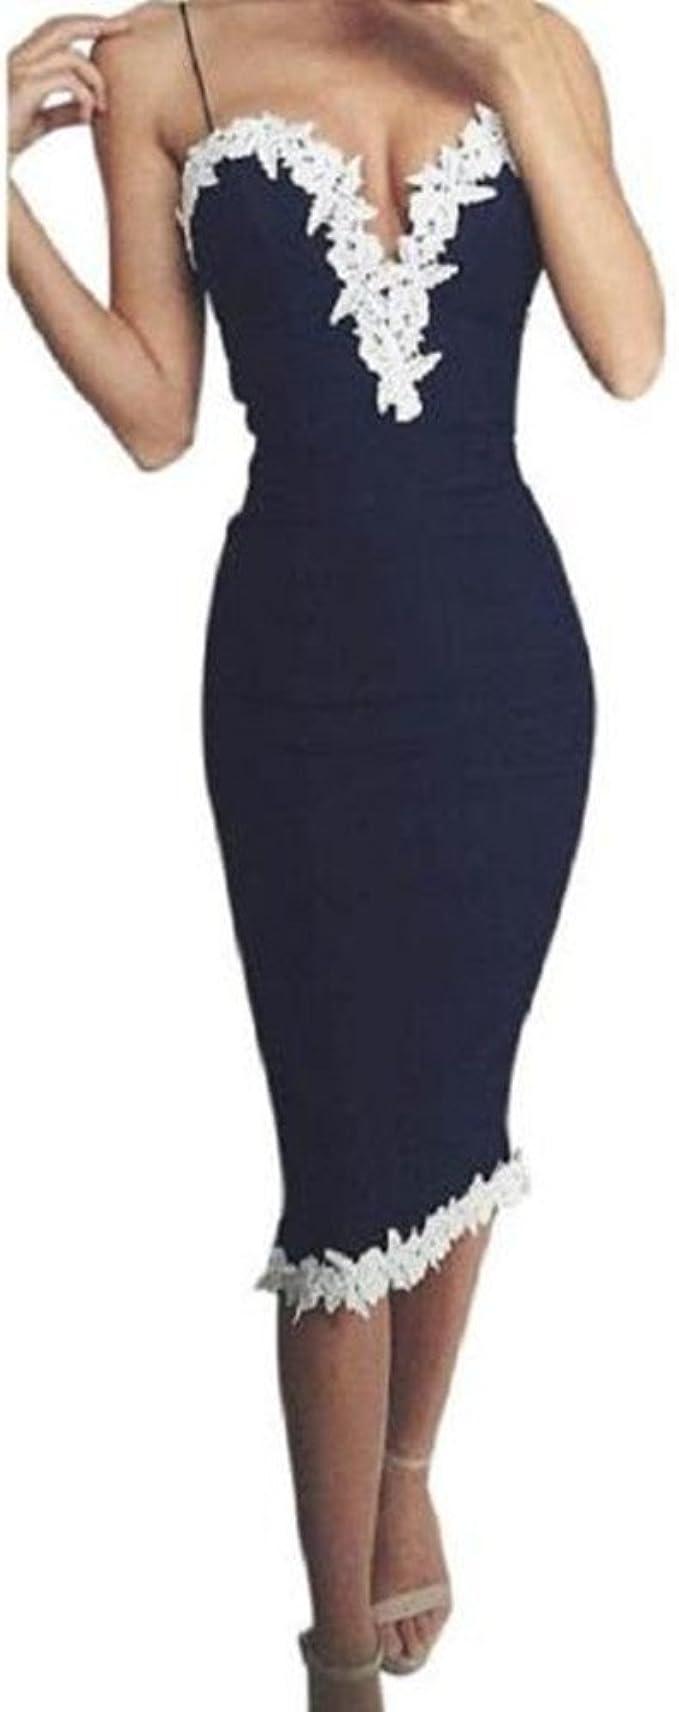 Damen Kleider, GJKK Damen Elegant Bodycon Enges Kleid Neckholder  V-Ausschnitt Blumenspitze Abendkleid Ärmellos Partykleider Damen Langes  Kleid